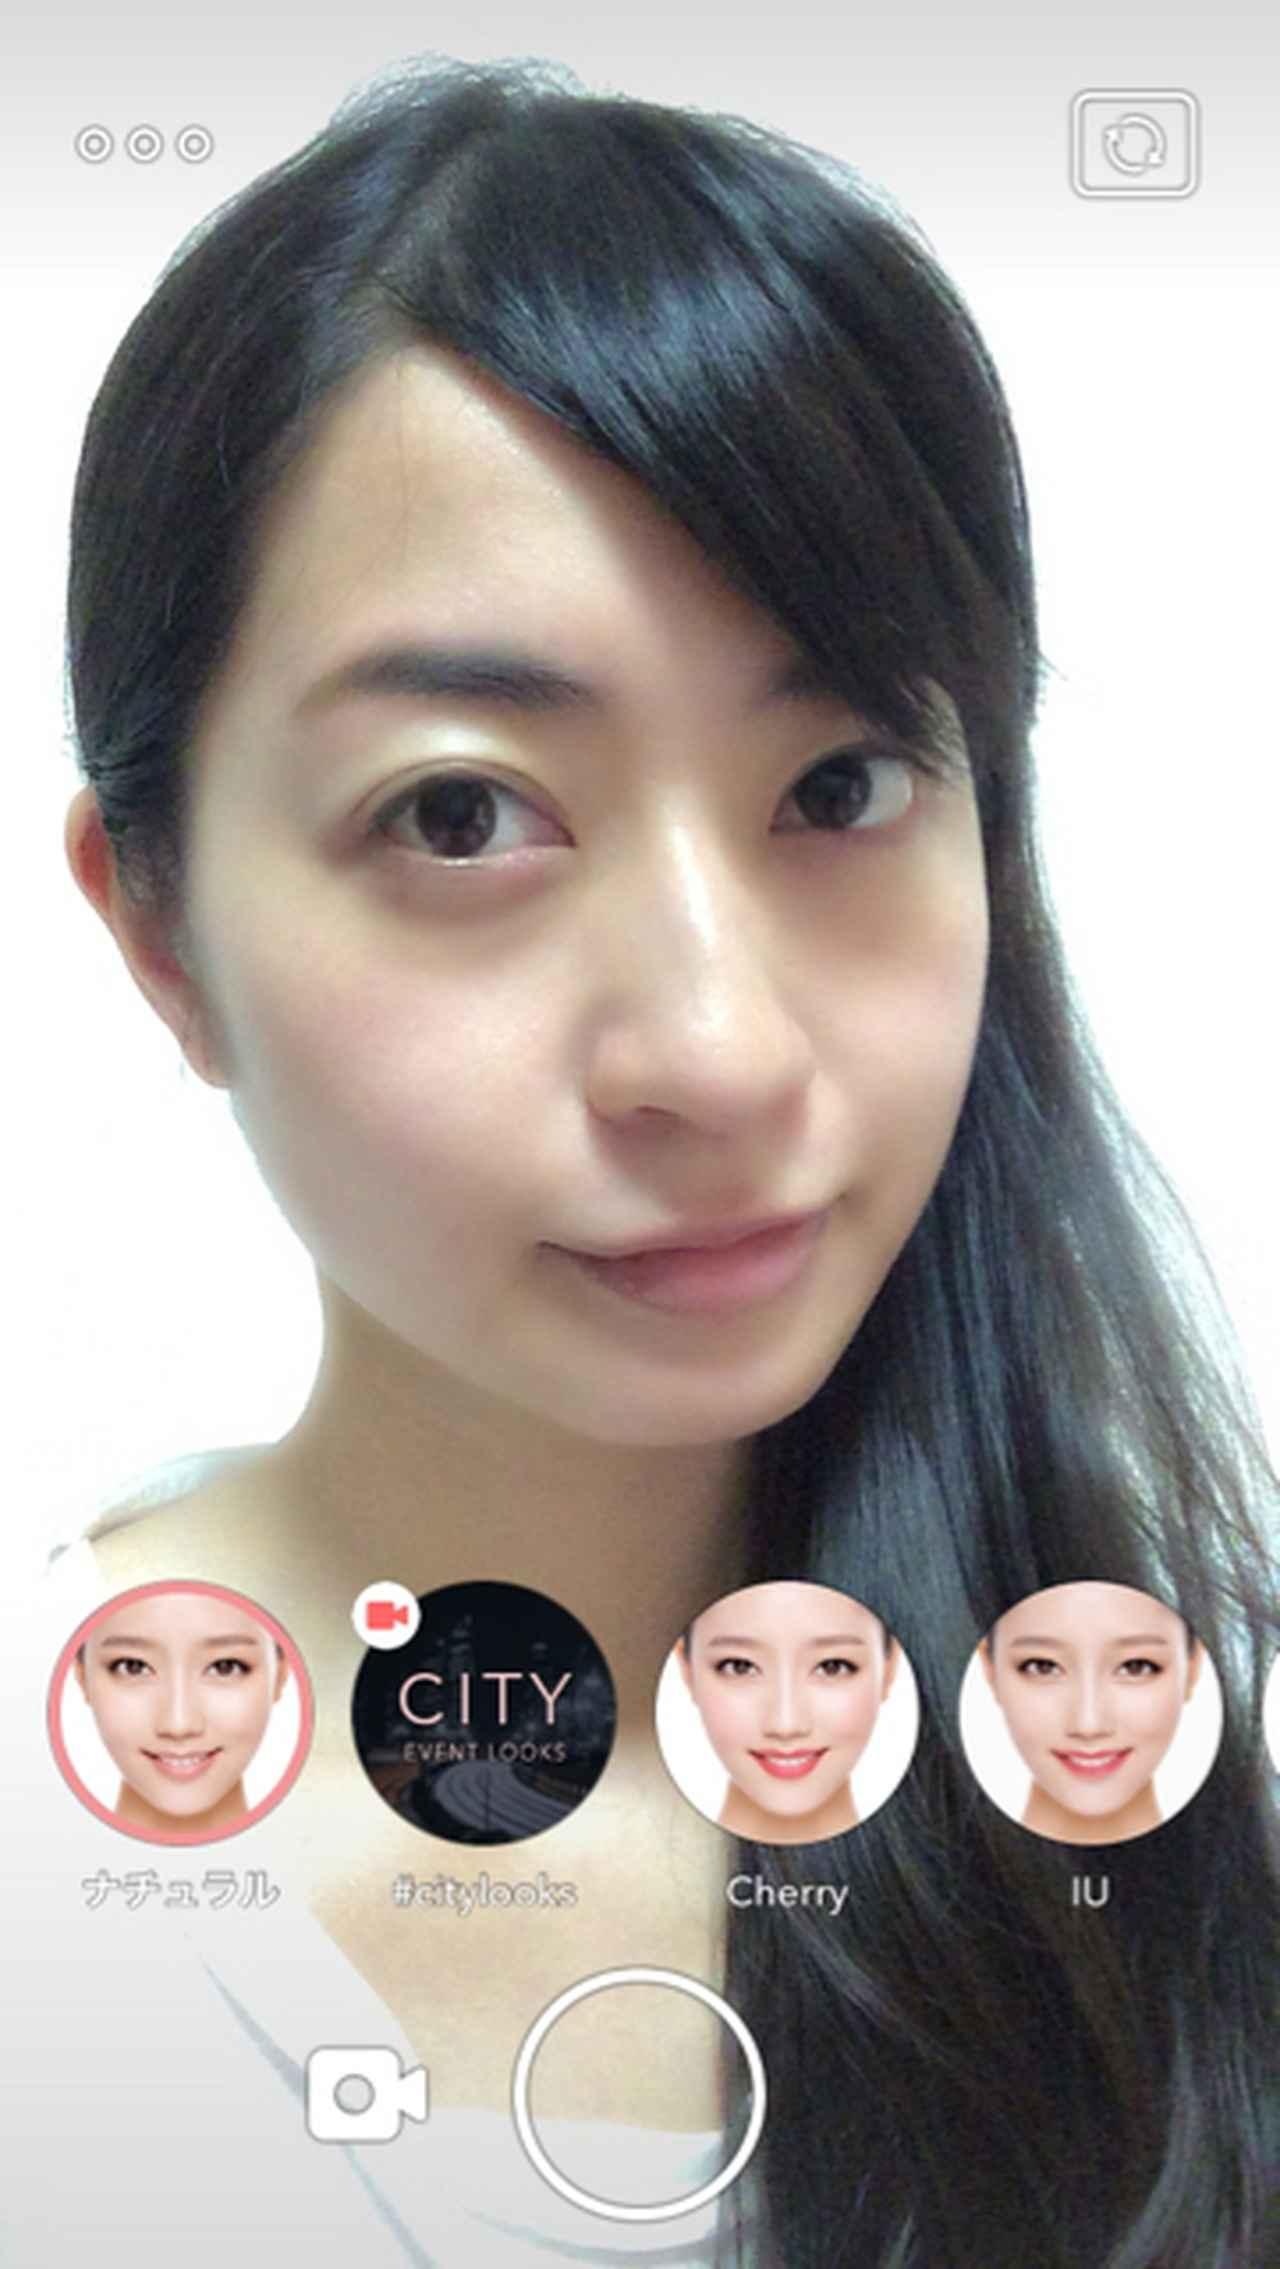 画像1: LINEの新しいアプリ、今度はすっぴんでもセルフィーOKなカメラアプリ!!